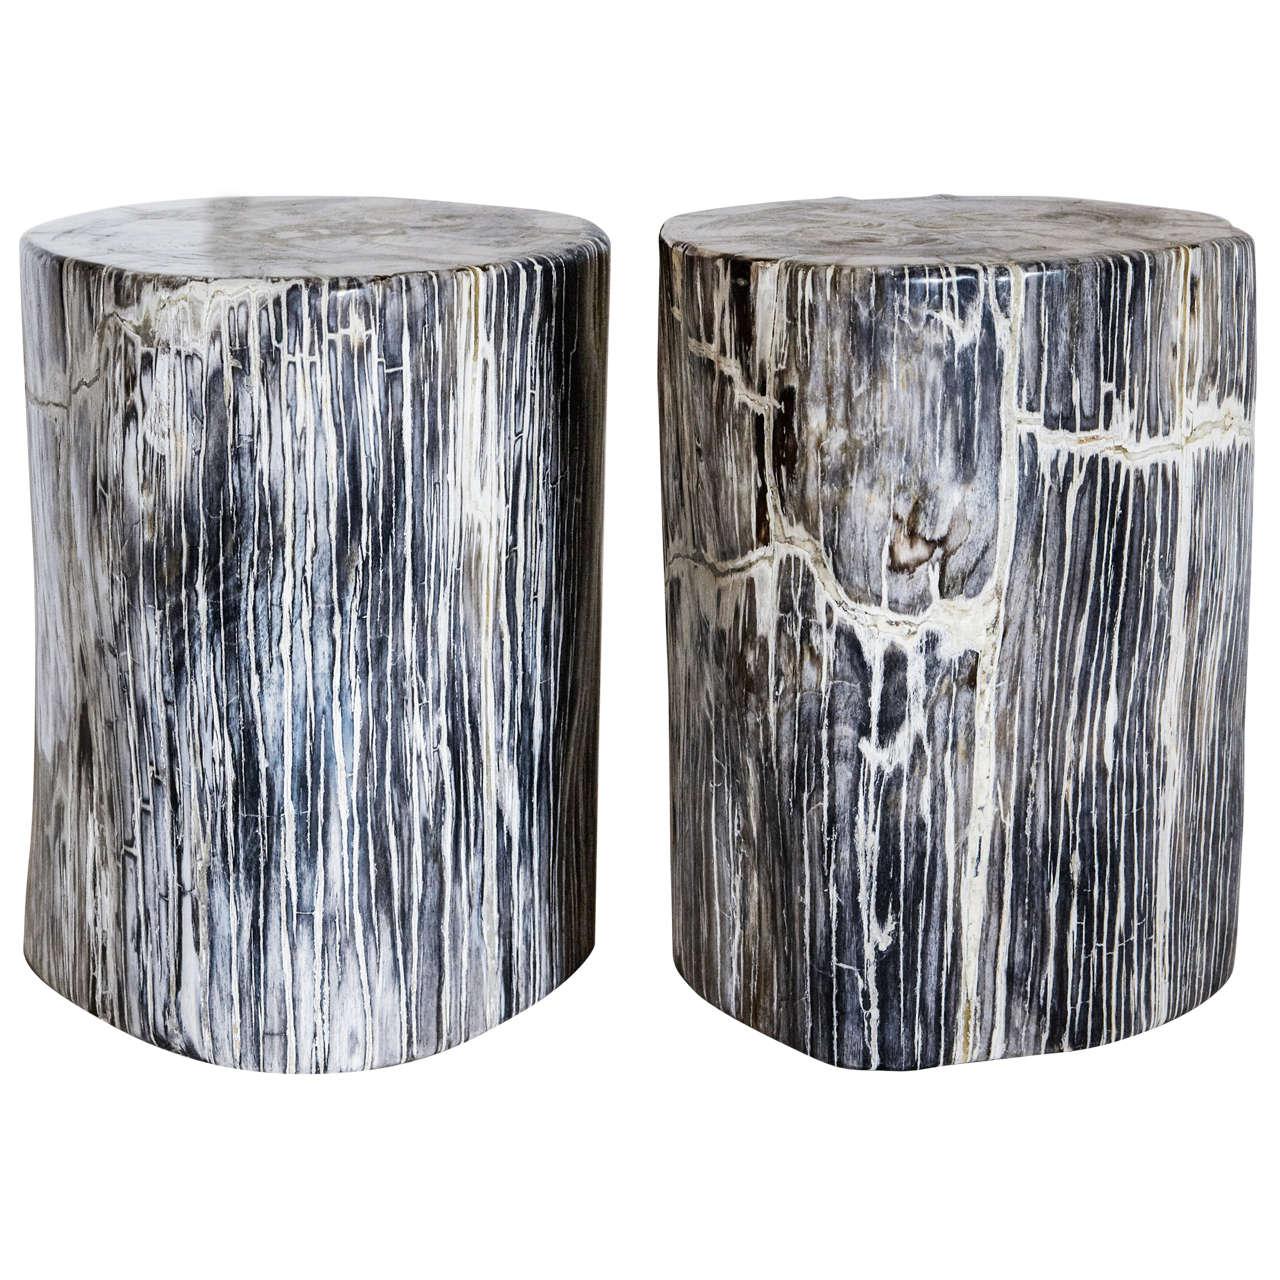 petrified wood stool polished 1stdibs petrified wood stools for sale at 1stdibs